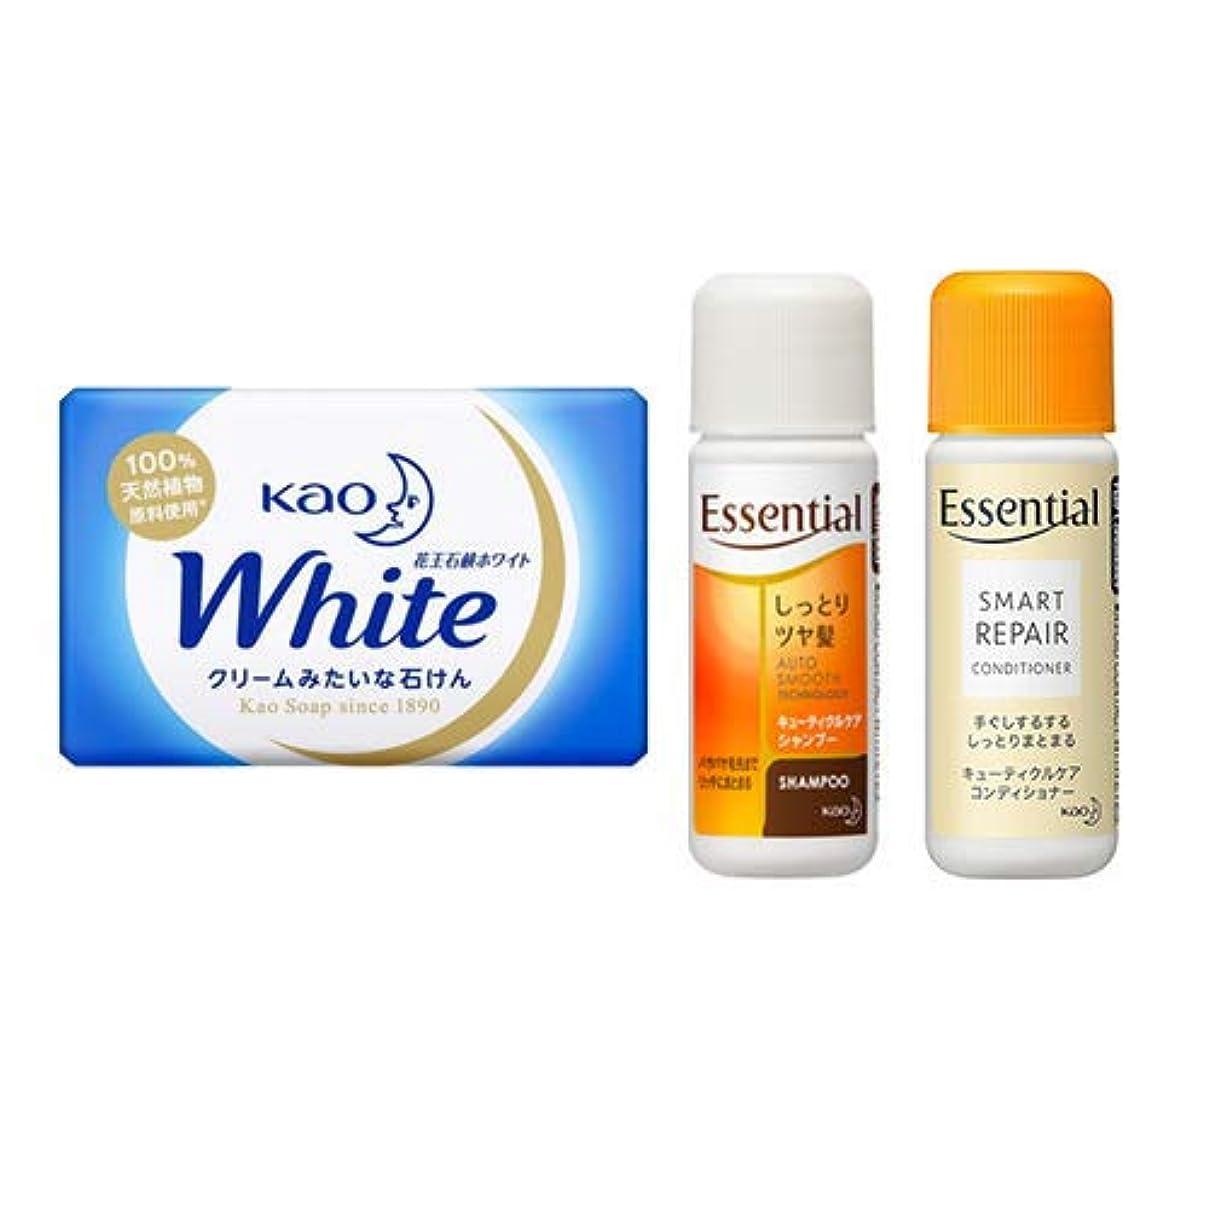 シンカン確認告白する花王(KAO) 石鹸ホワイト(Kao Soap White) 15g + エッセンシャルシャンプー 16ml + コンディショナー 16ml セット